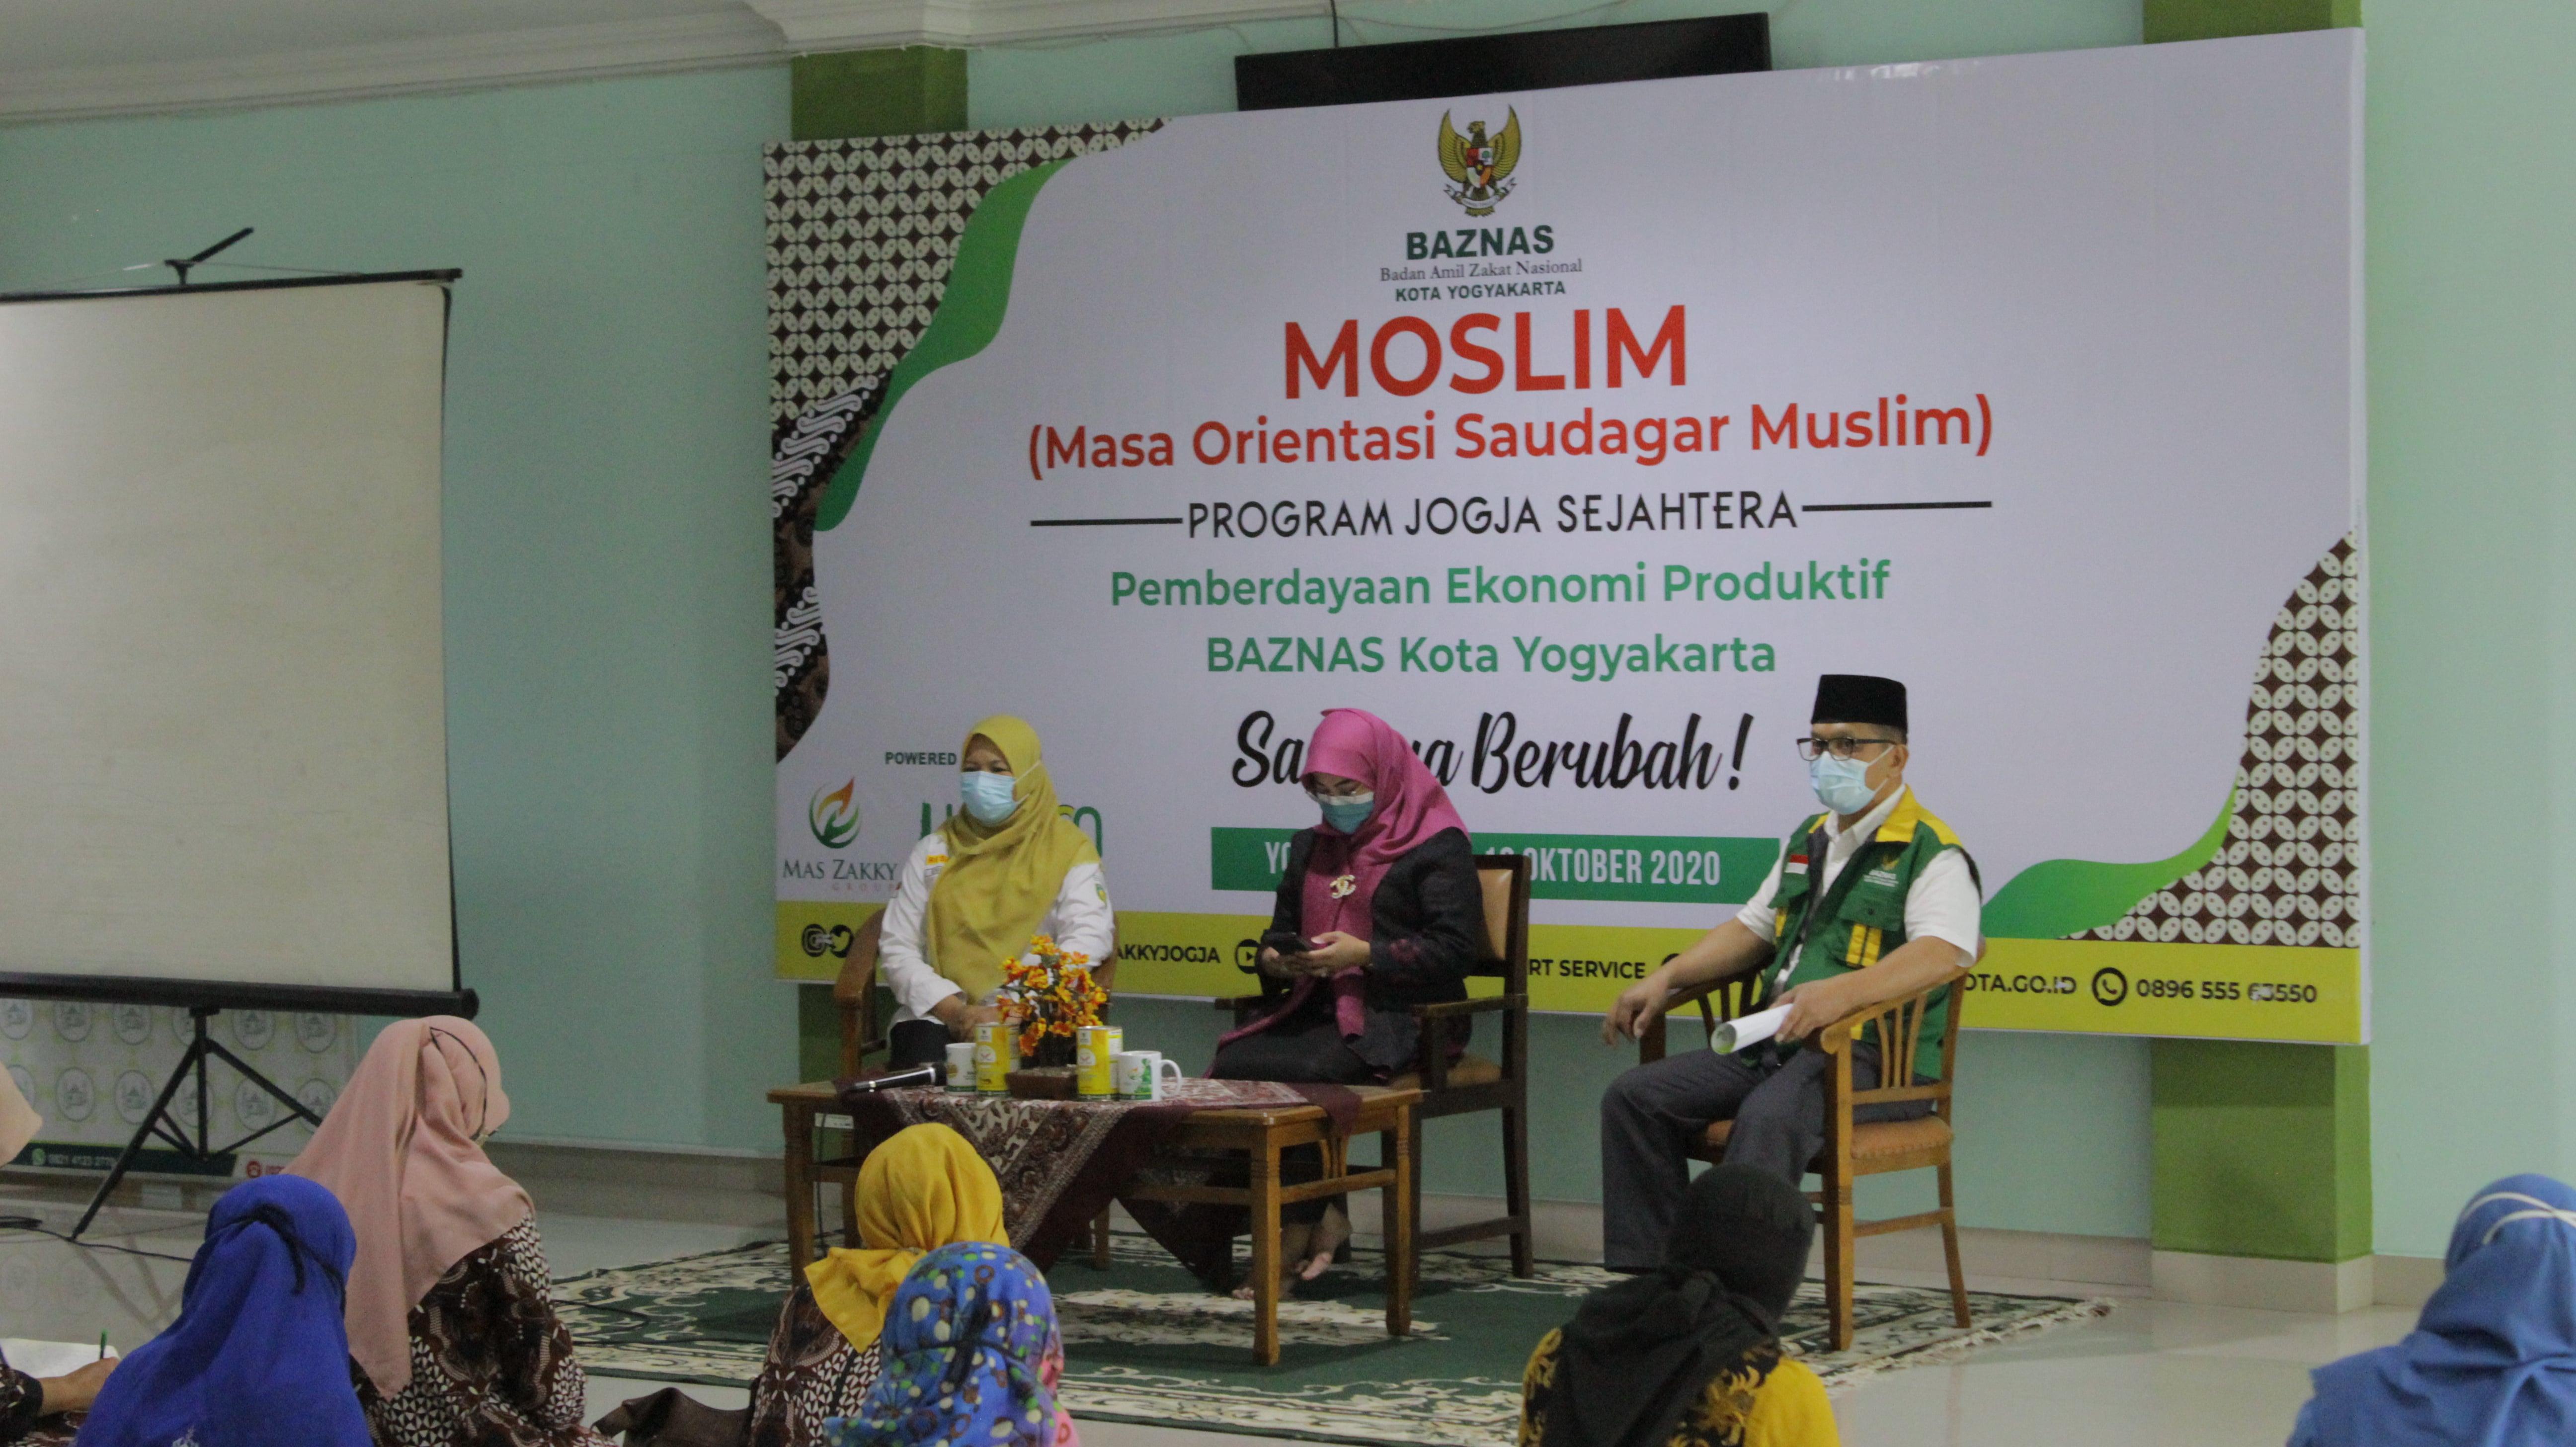 Kegiatan Masa Orientasi Saudagar Muslim (MOSLIM) Gelombang 1 yang dilaksanakan pada hari Rabu (7/10/2020)